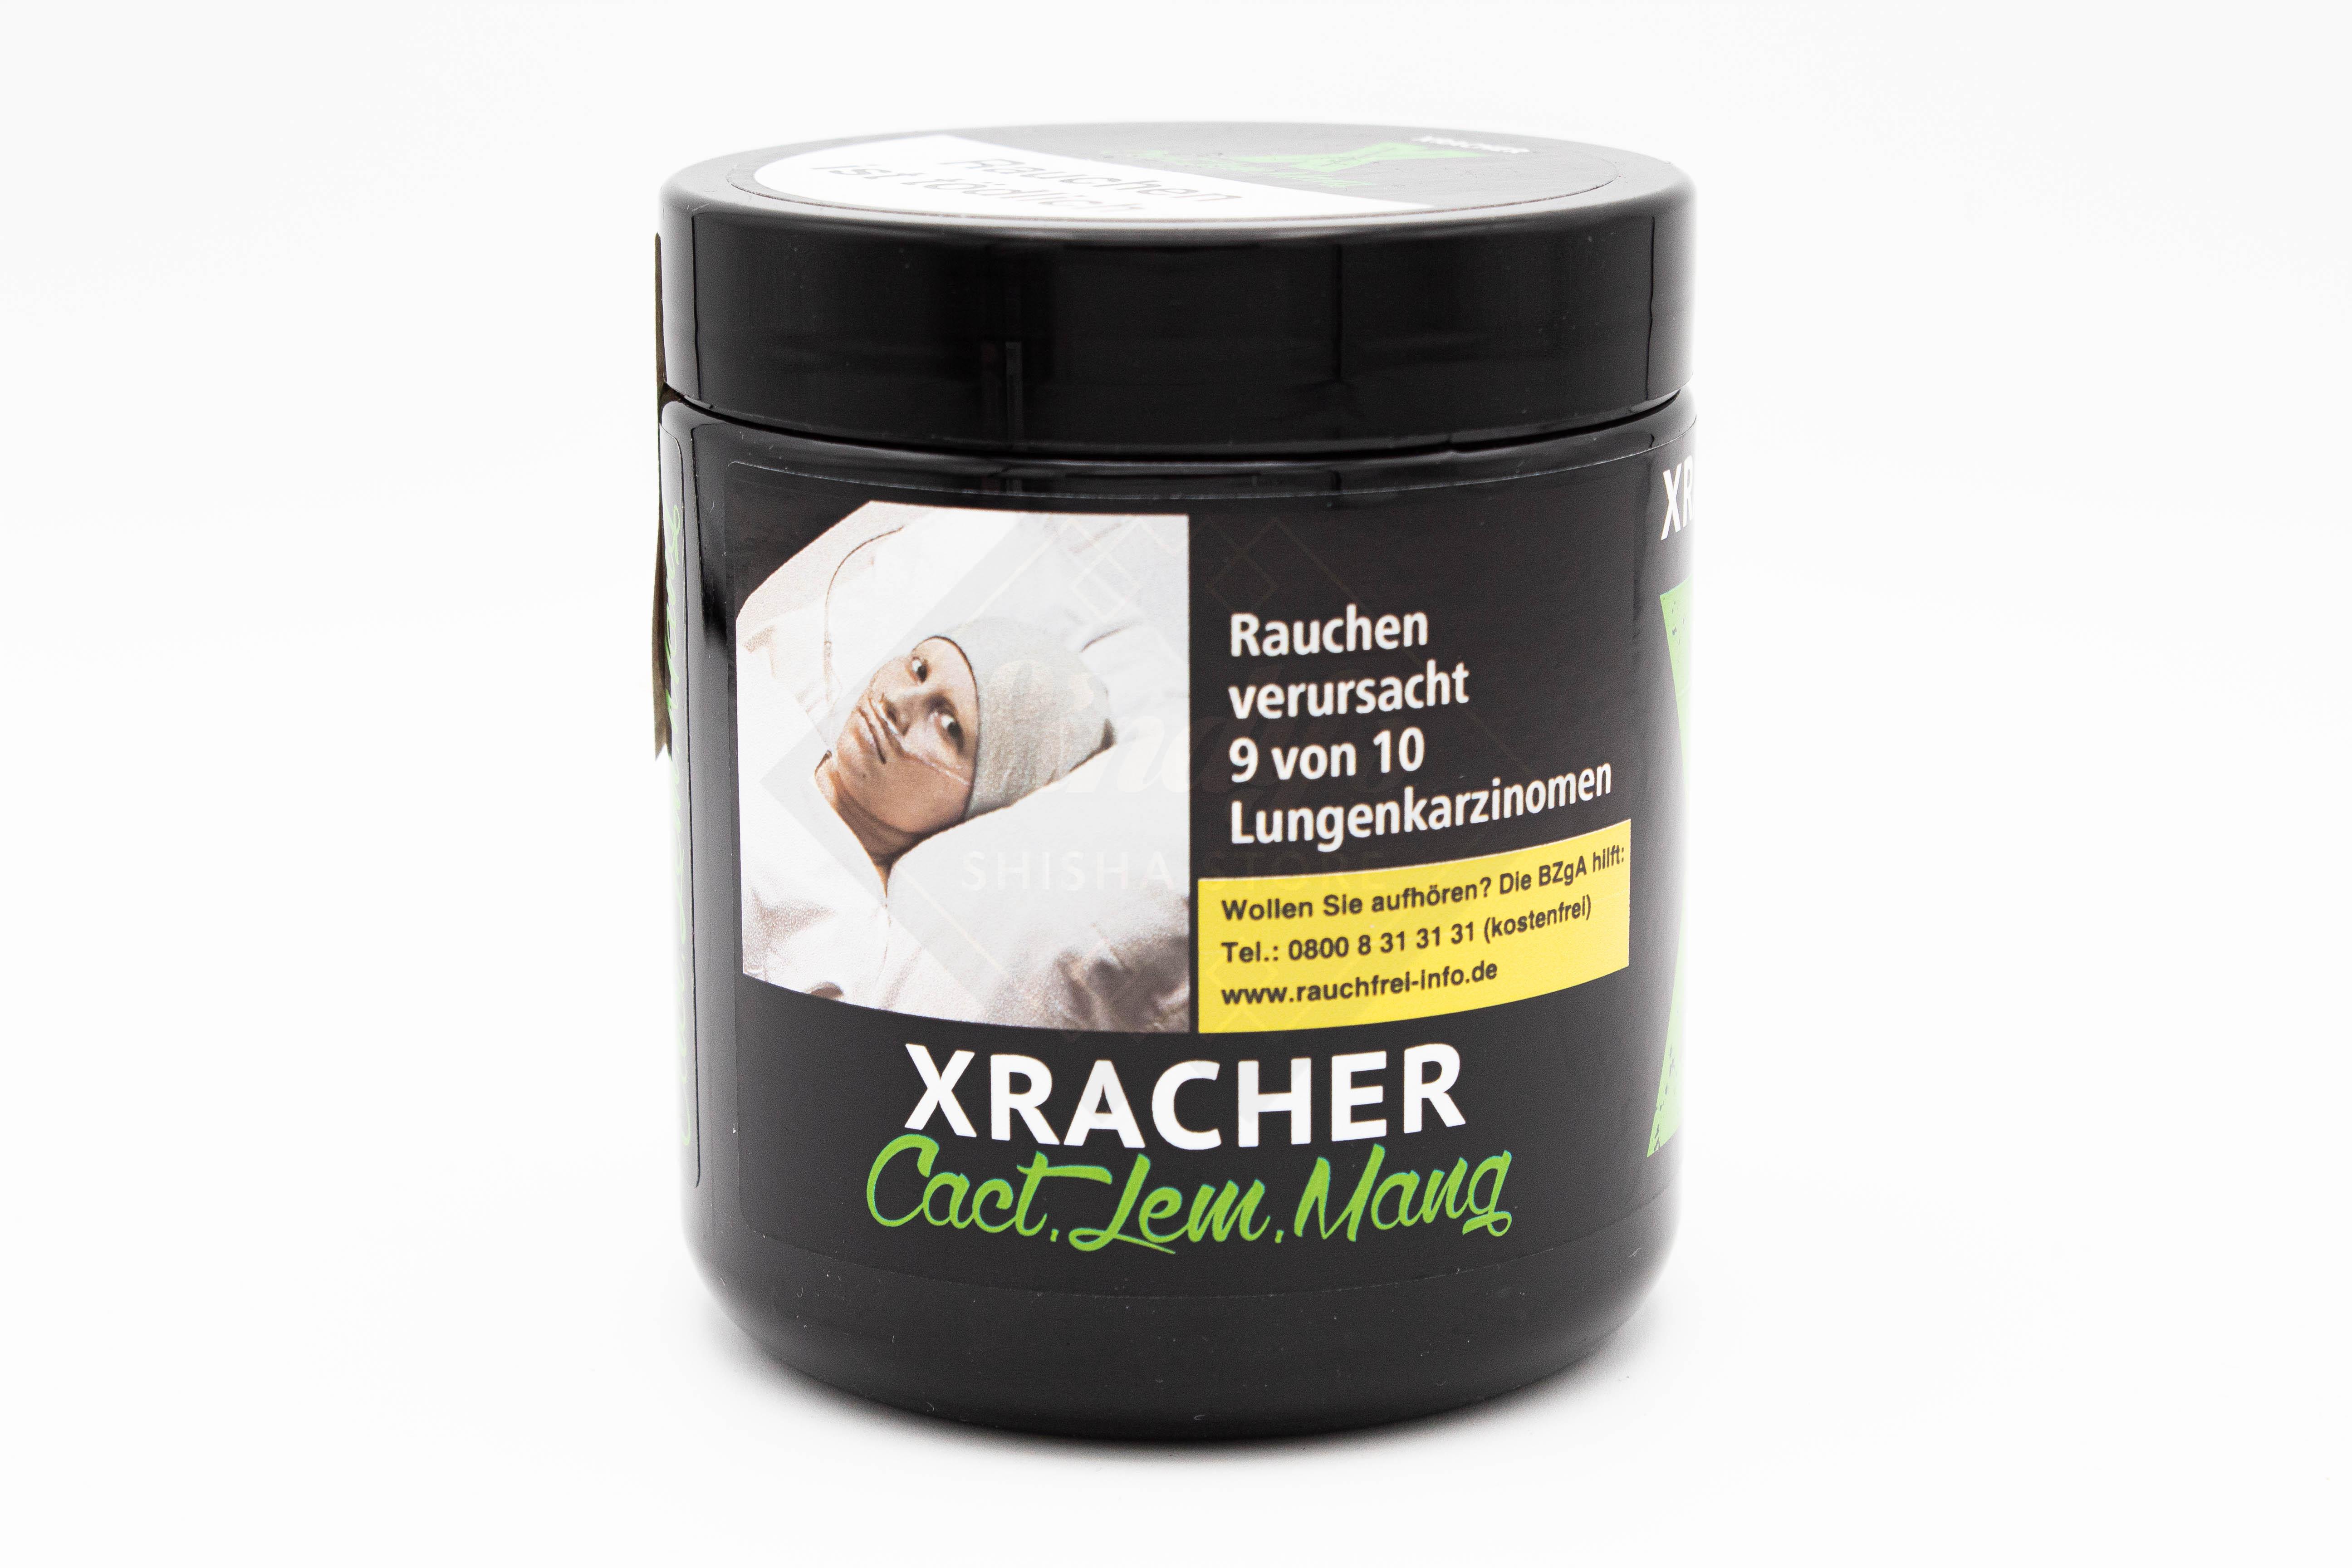 Xracher Tobacco - Cact Lem Mang 200g